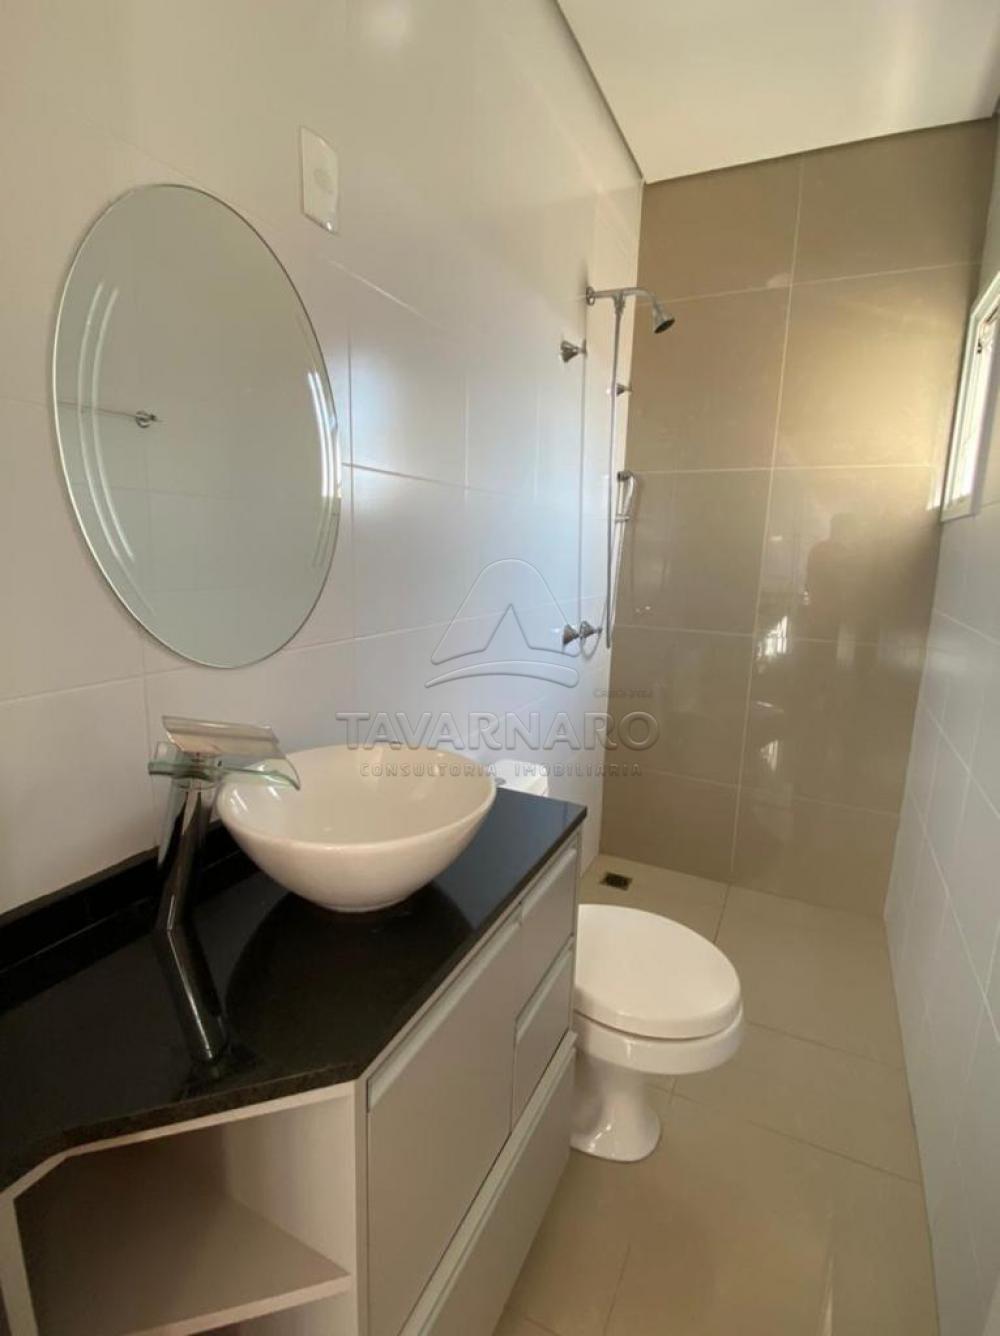 Comprar Casa / Condomínio em Ponta Grossa R$ 1.750.000,00 - Foto 8